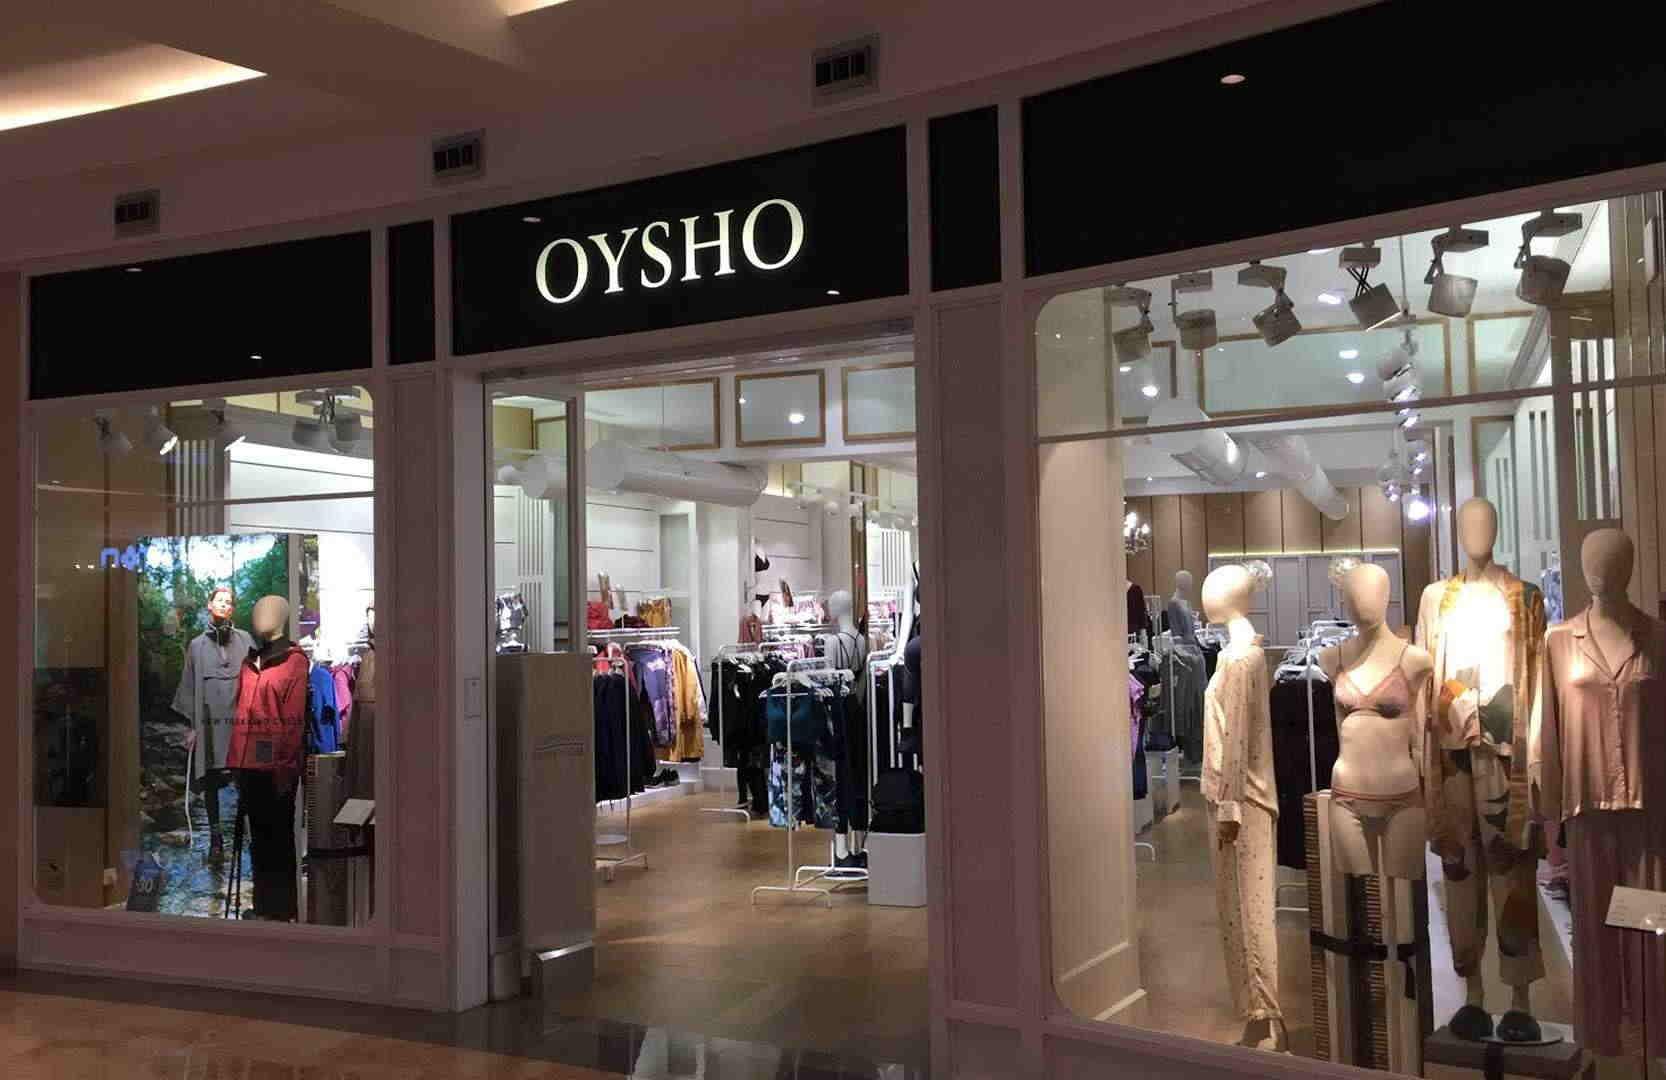 oysho-1555317532.jpg